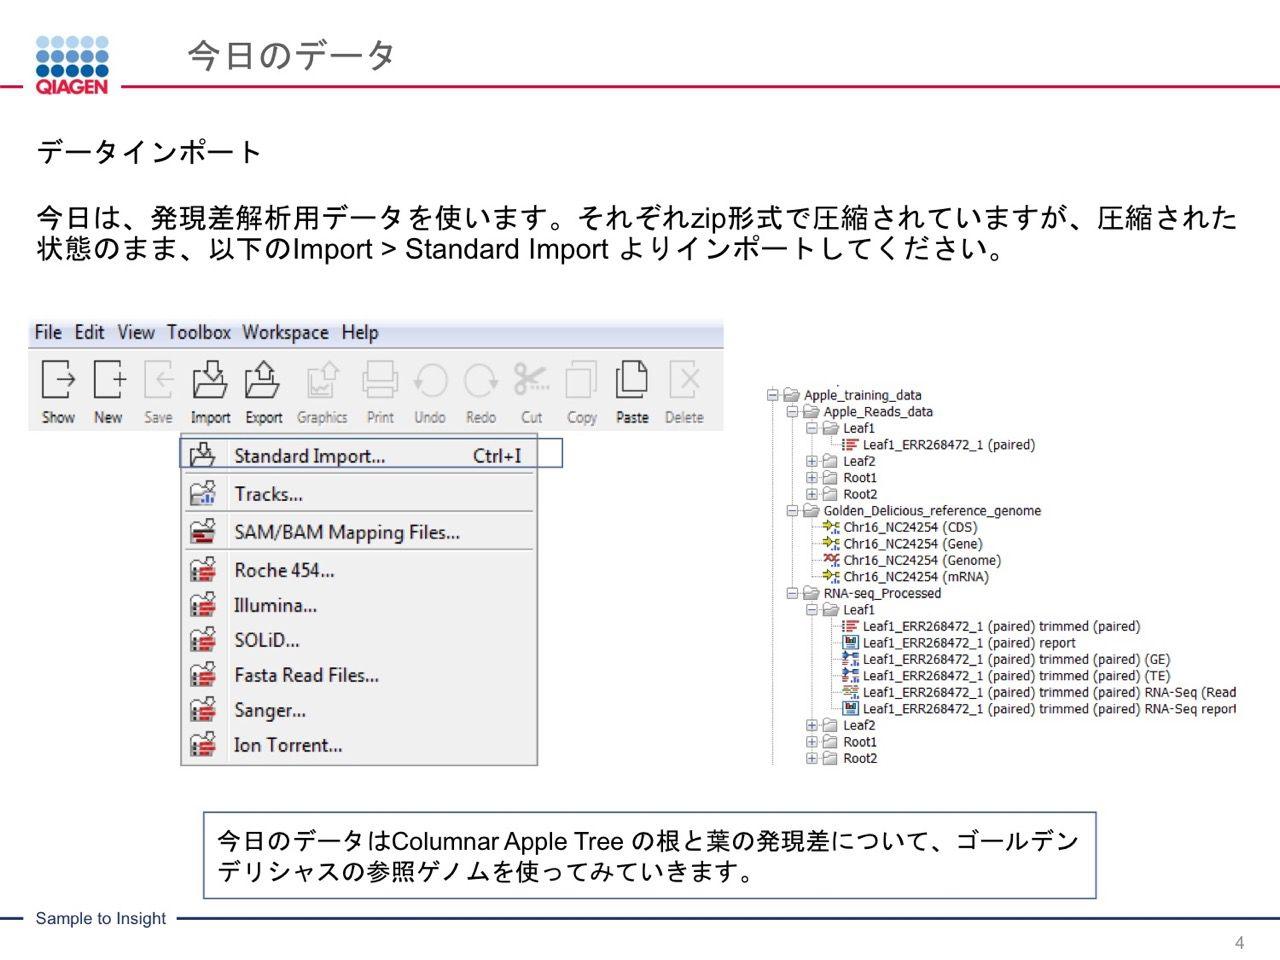 images/AJACSa2_miyamoto_004.jpg